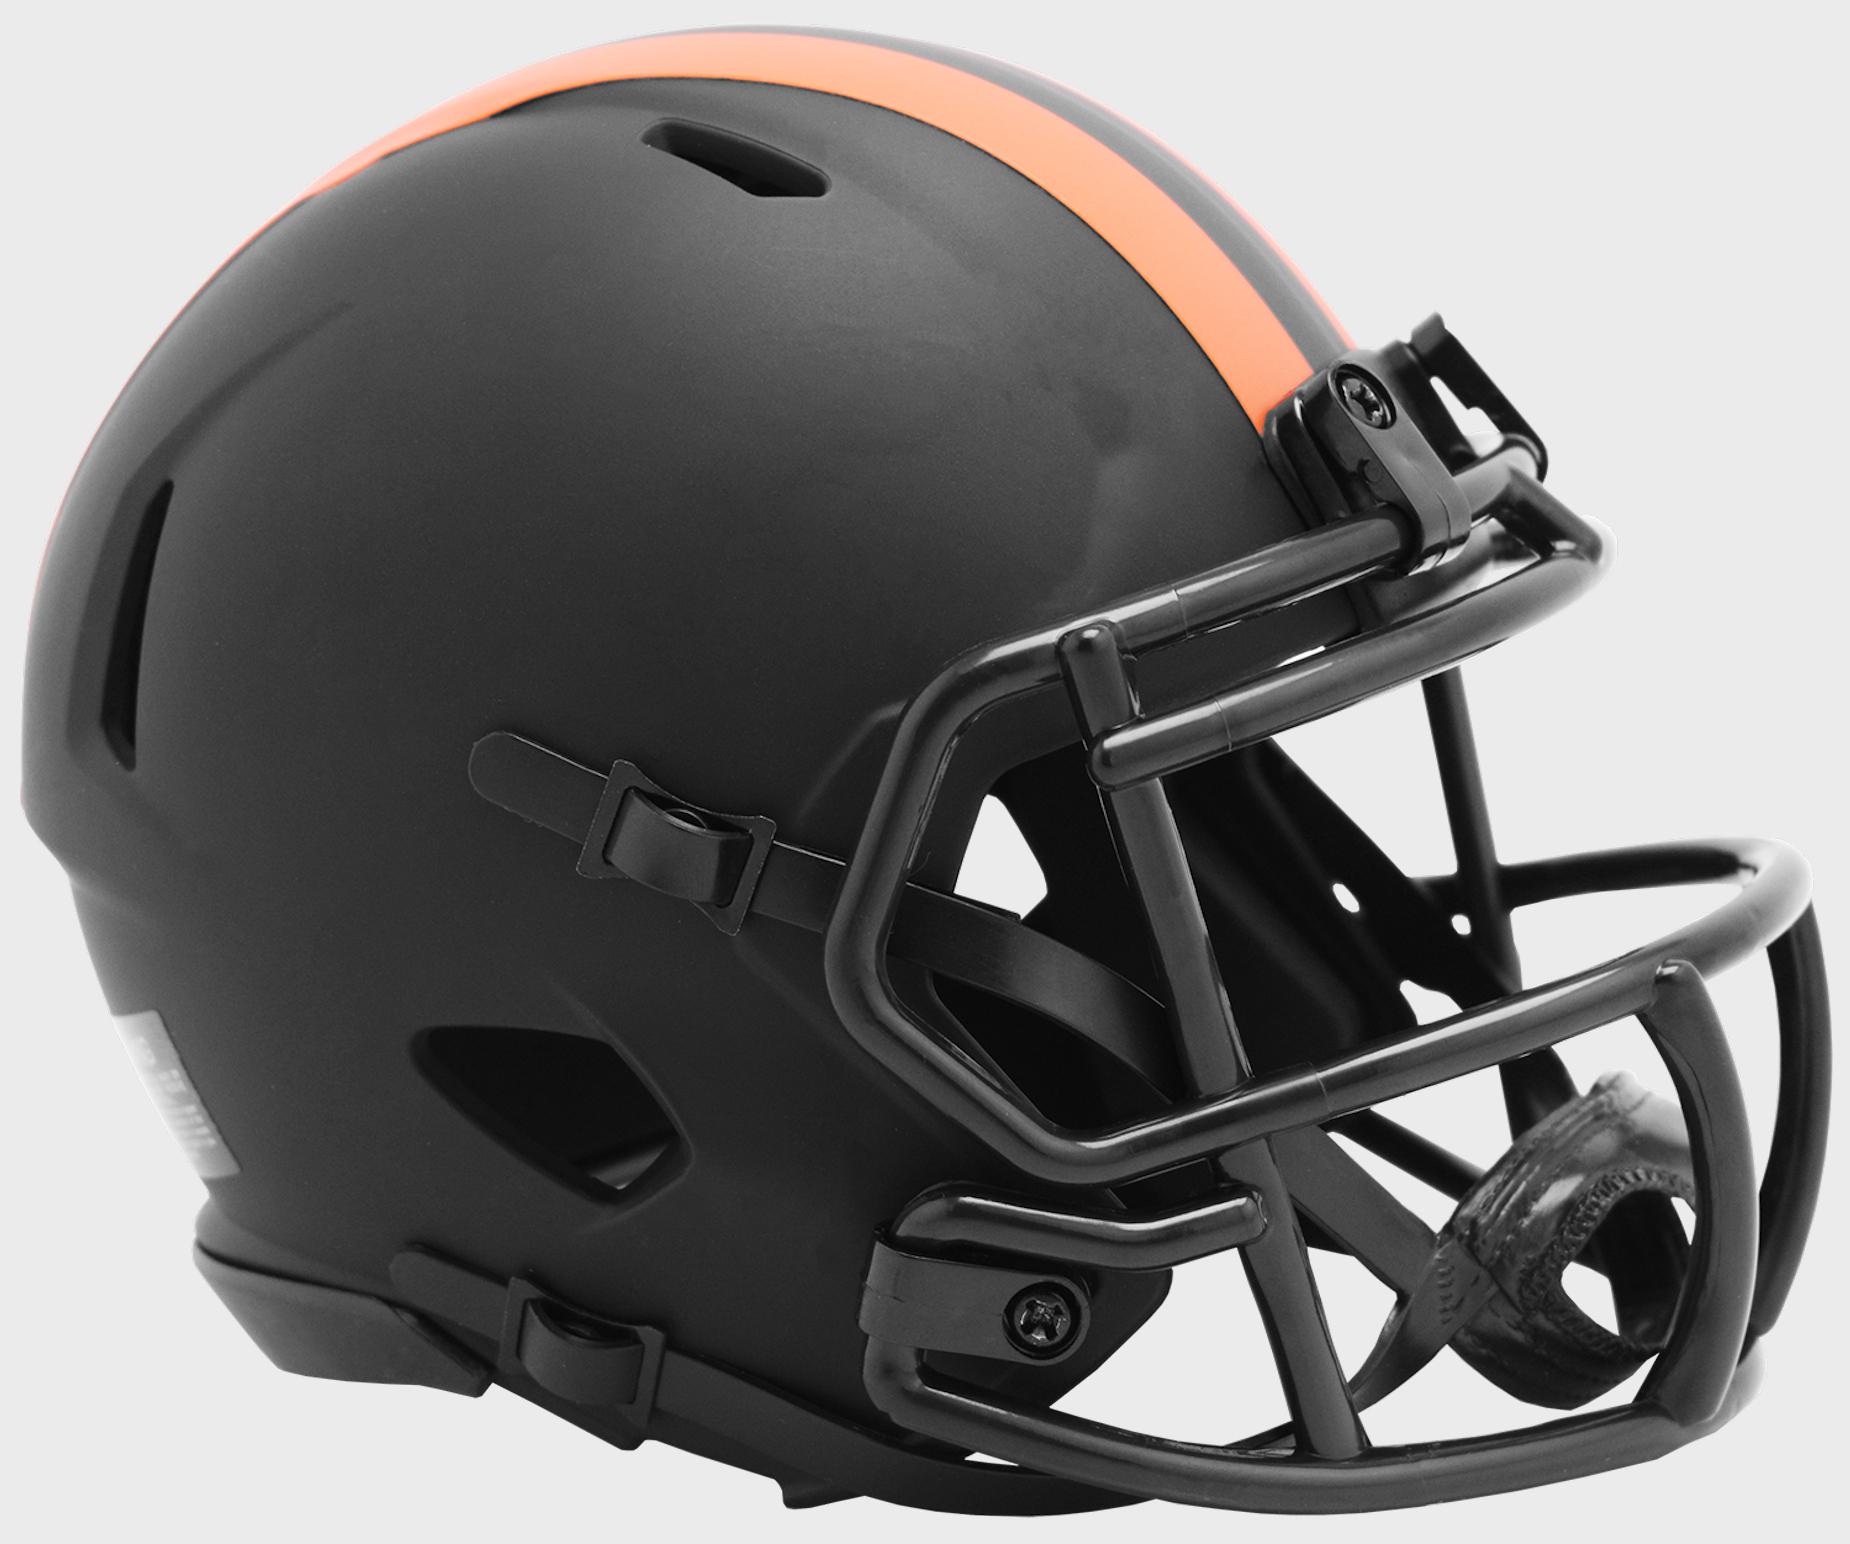 Cleveland Browns NFL Mini Speed Football Helmet <B>ECLIPSE</B>